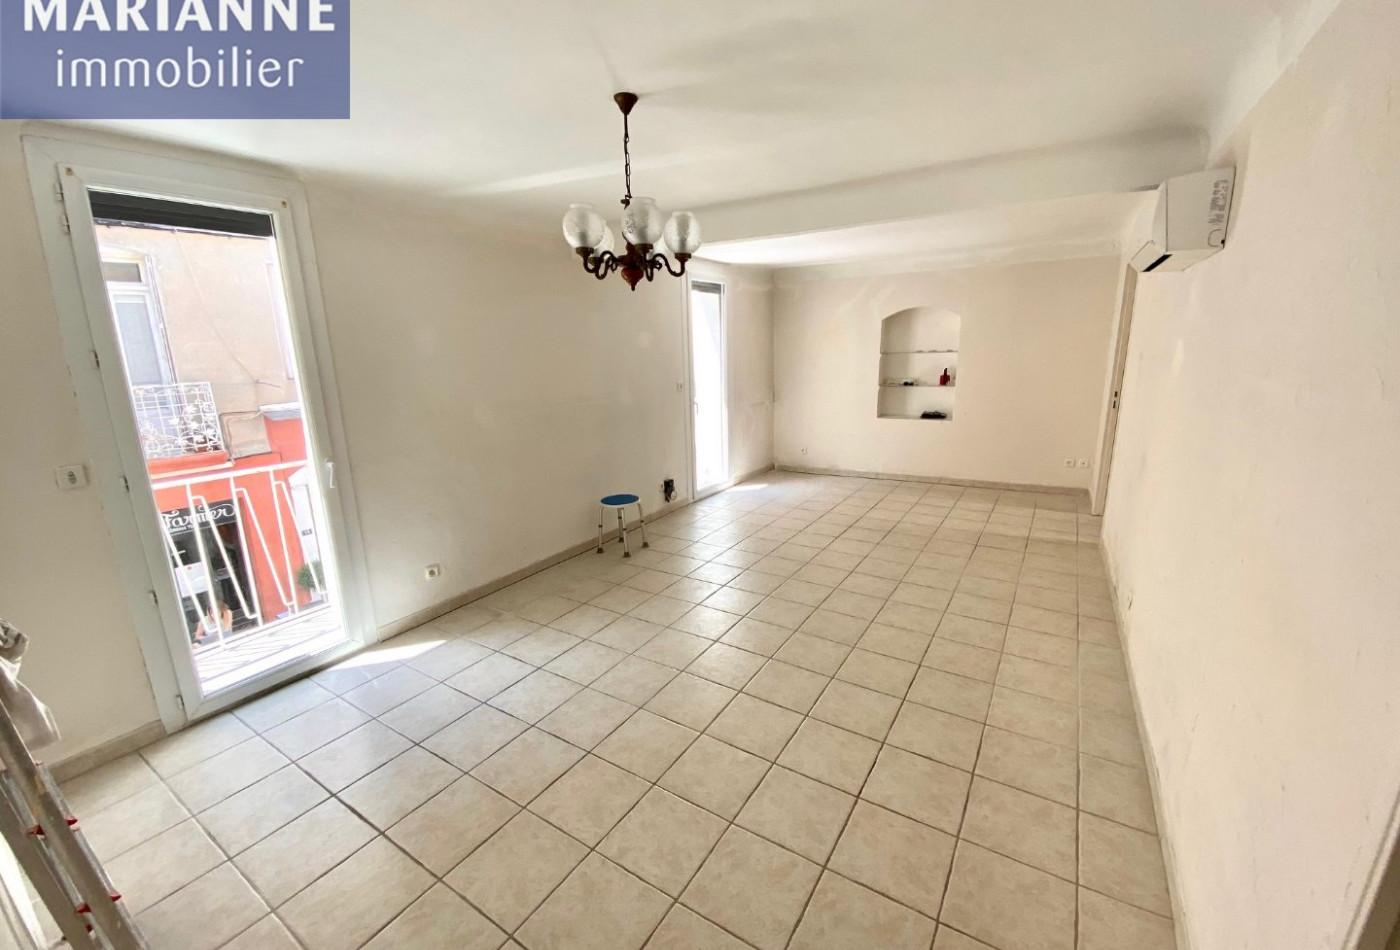 A vendre  Sete | Réf 344176218 - Marianne immobilier